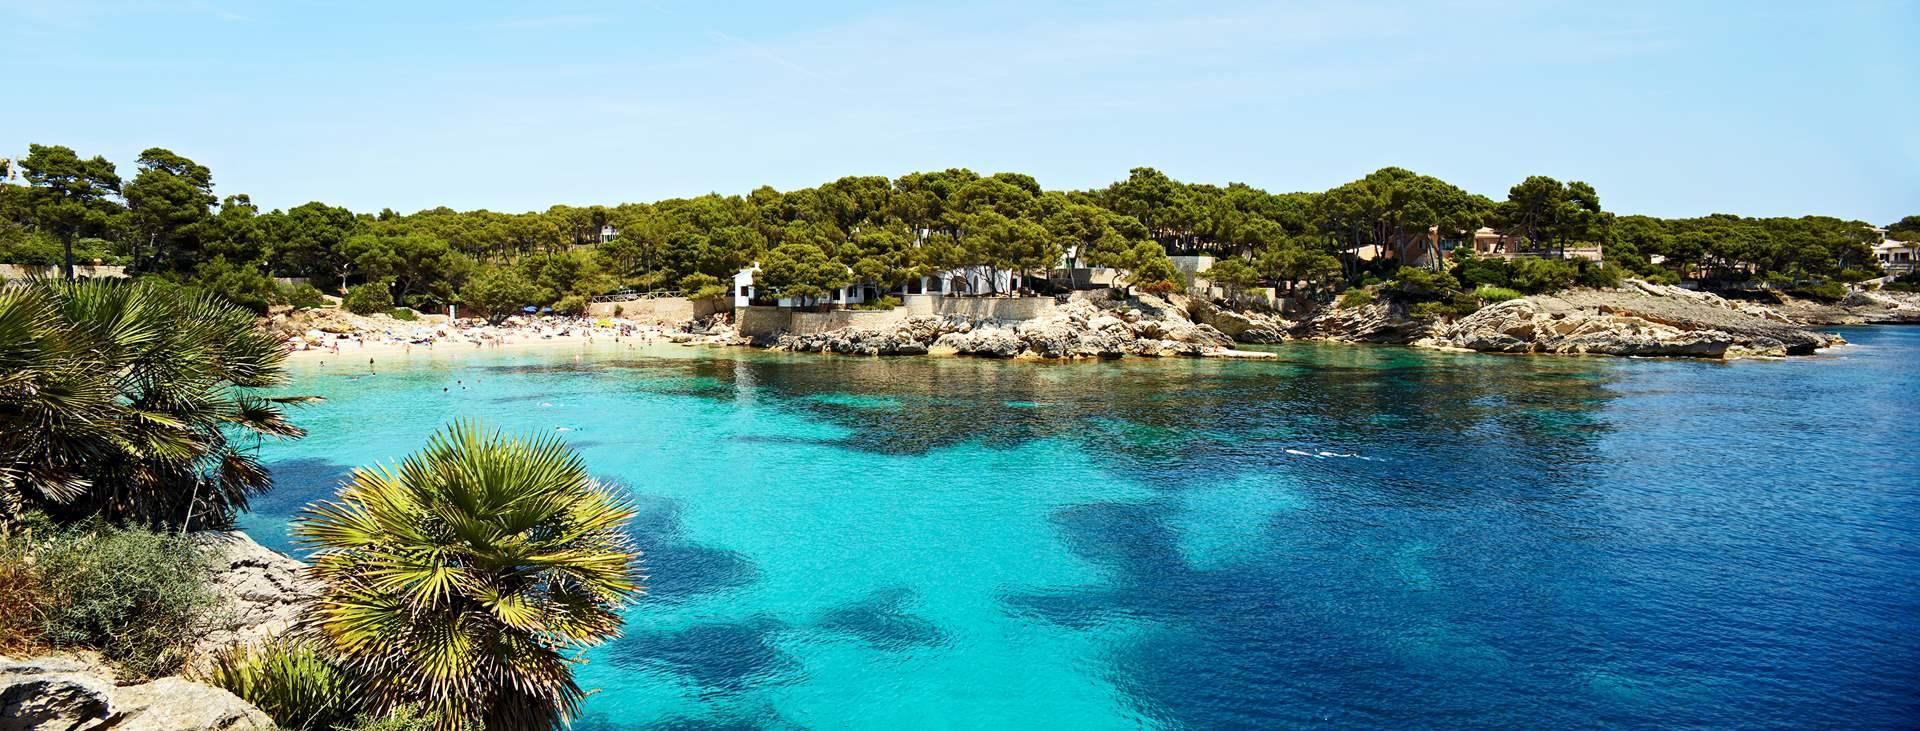 Bestill en reise med All Inclusive til Cala Ratjada på Mallorca